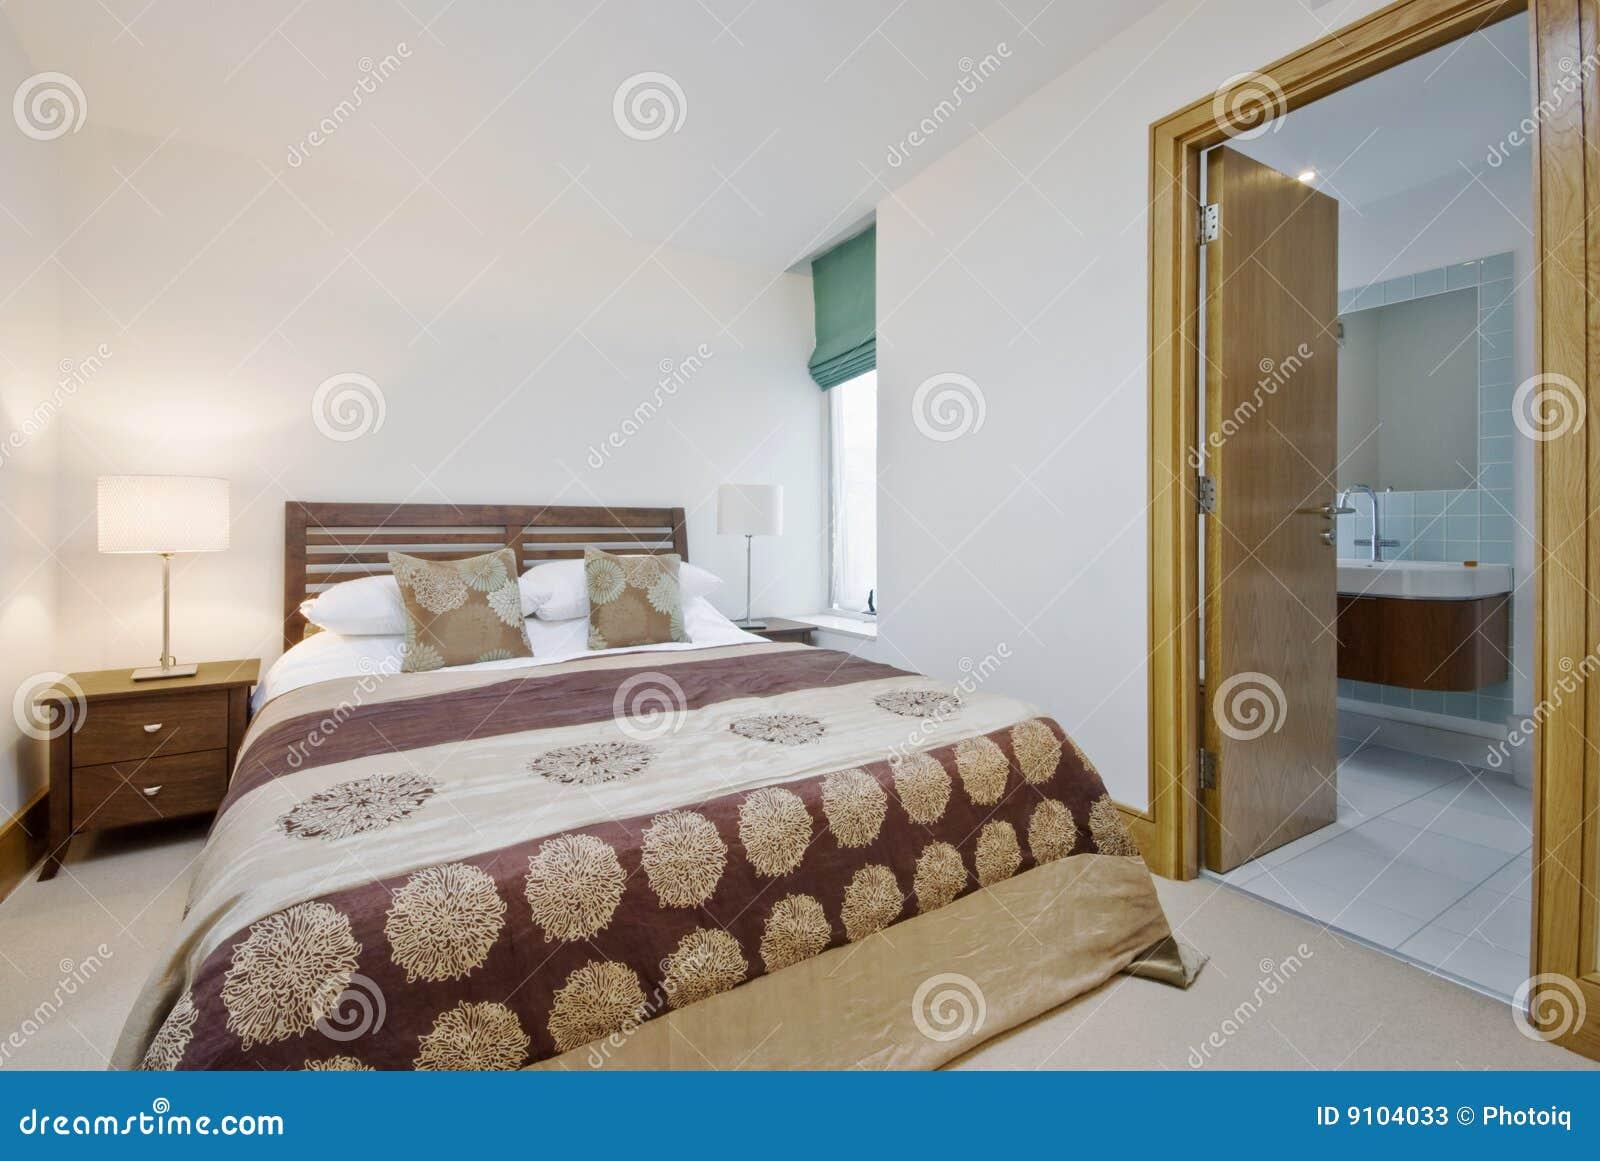 Camera da letto con la porta aperta alla stanza da bagno - Camera da letto con bagno ...